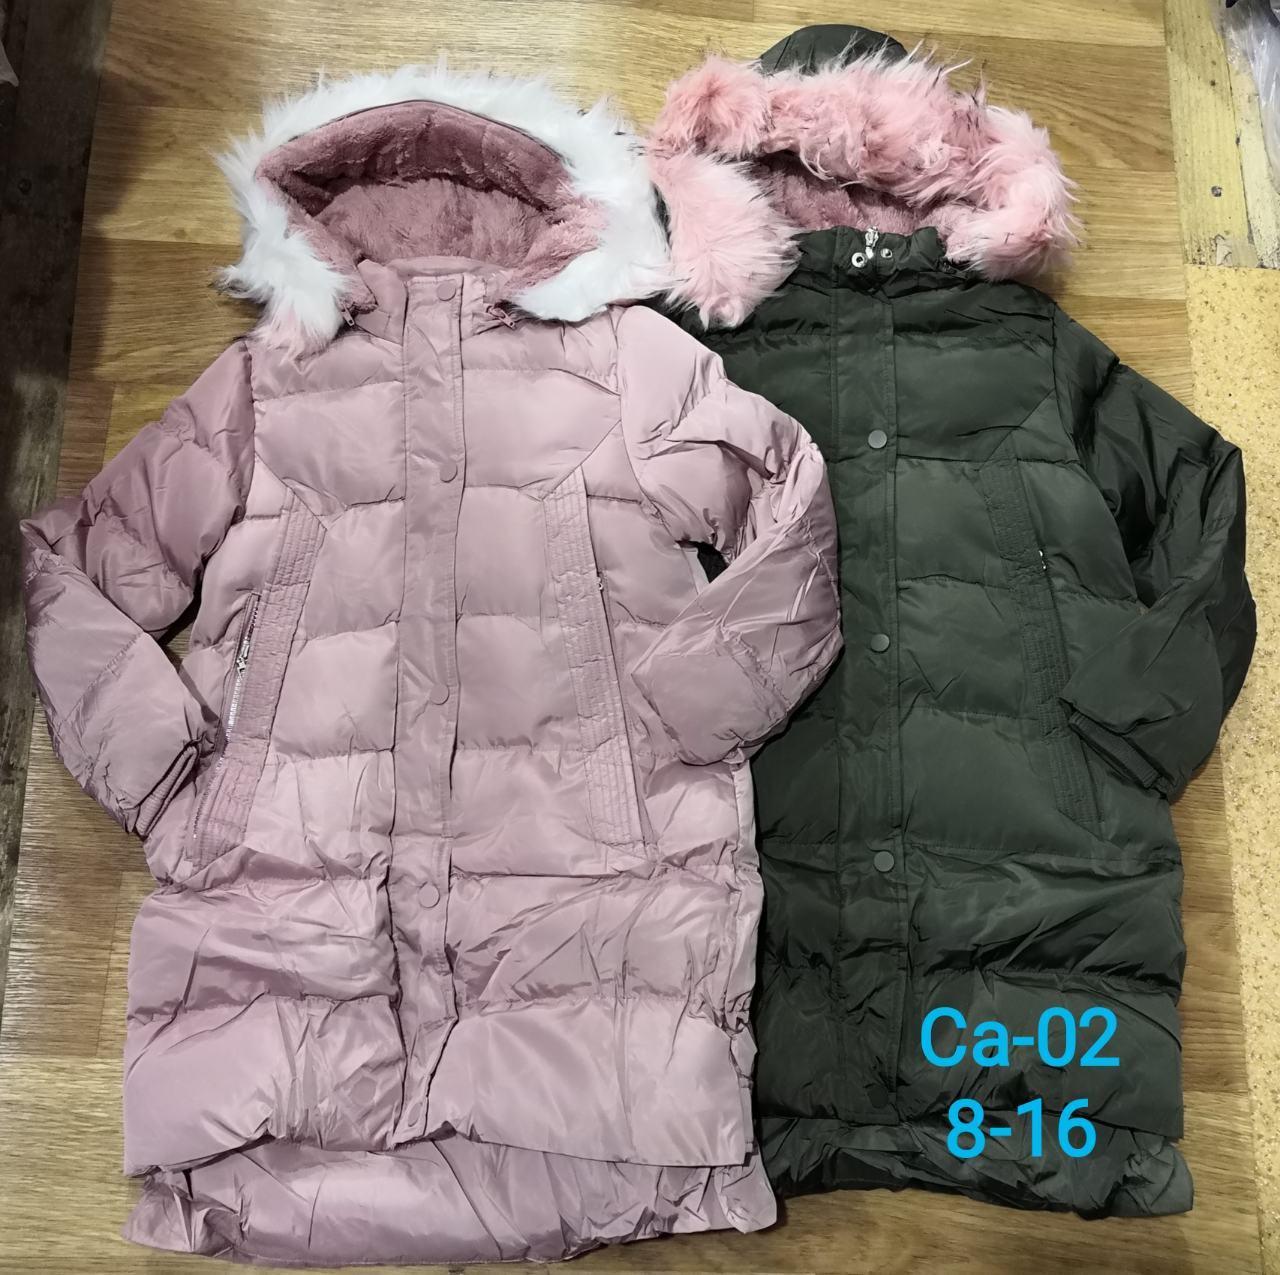 Зимняя куртка-пальто для девочек оптом, 8-16 лет, Sincere, арт. Ca-02